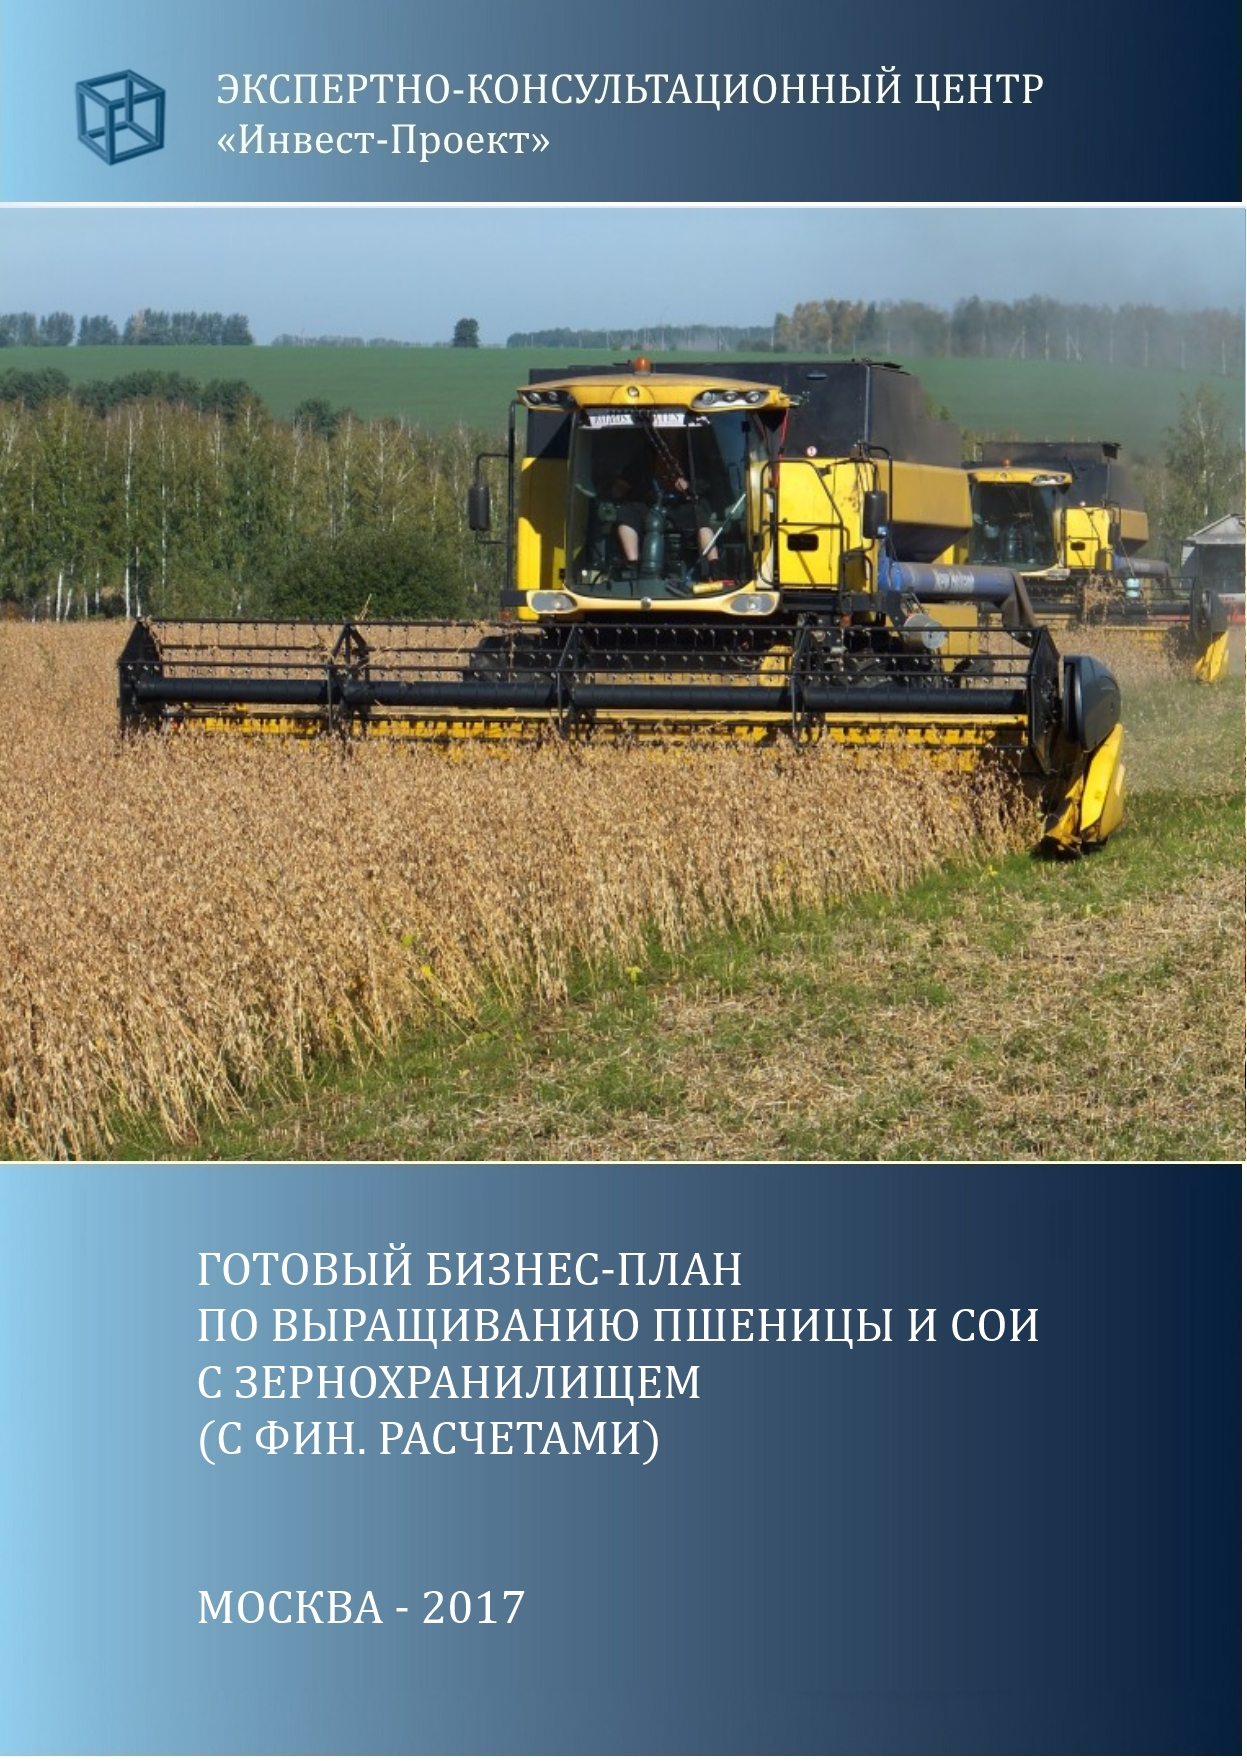 Пример бизнес плана выращивание зерновых культур 79